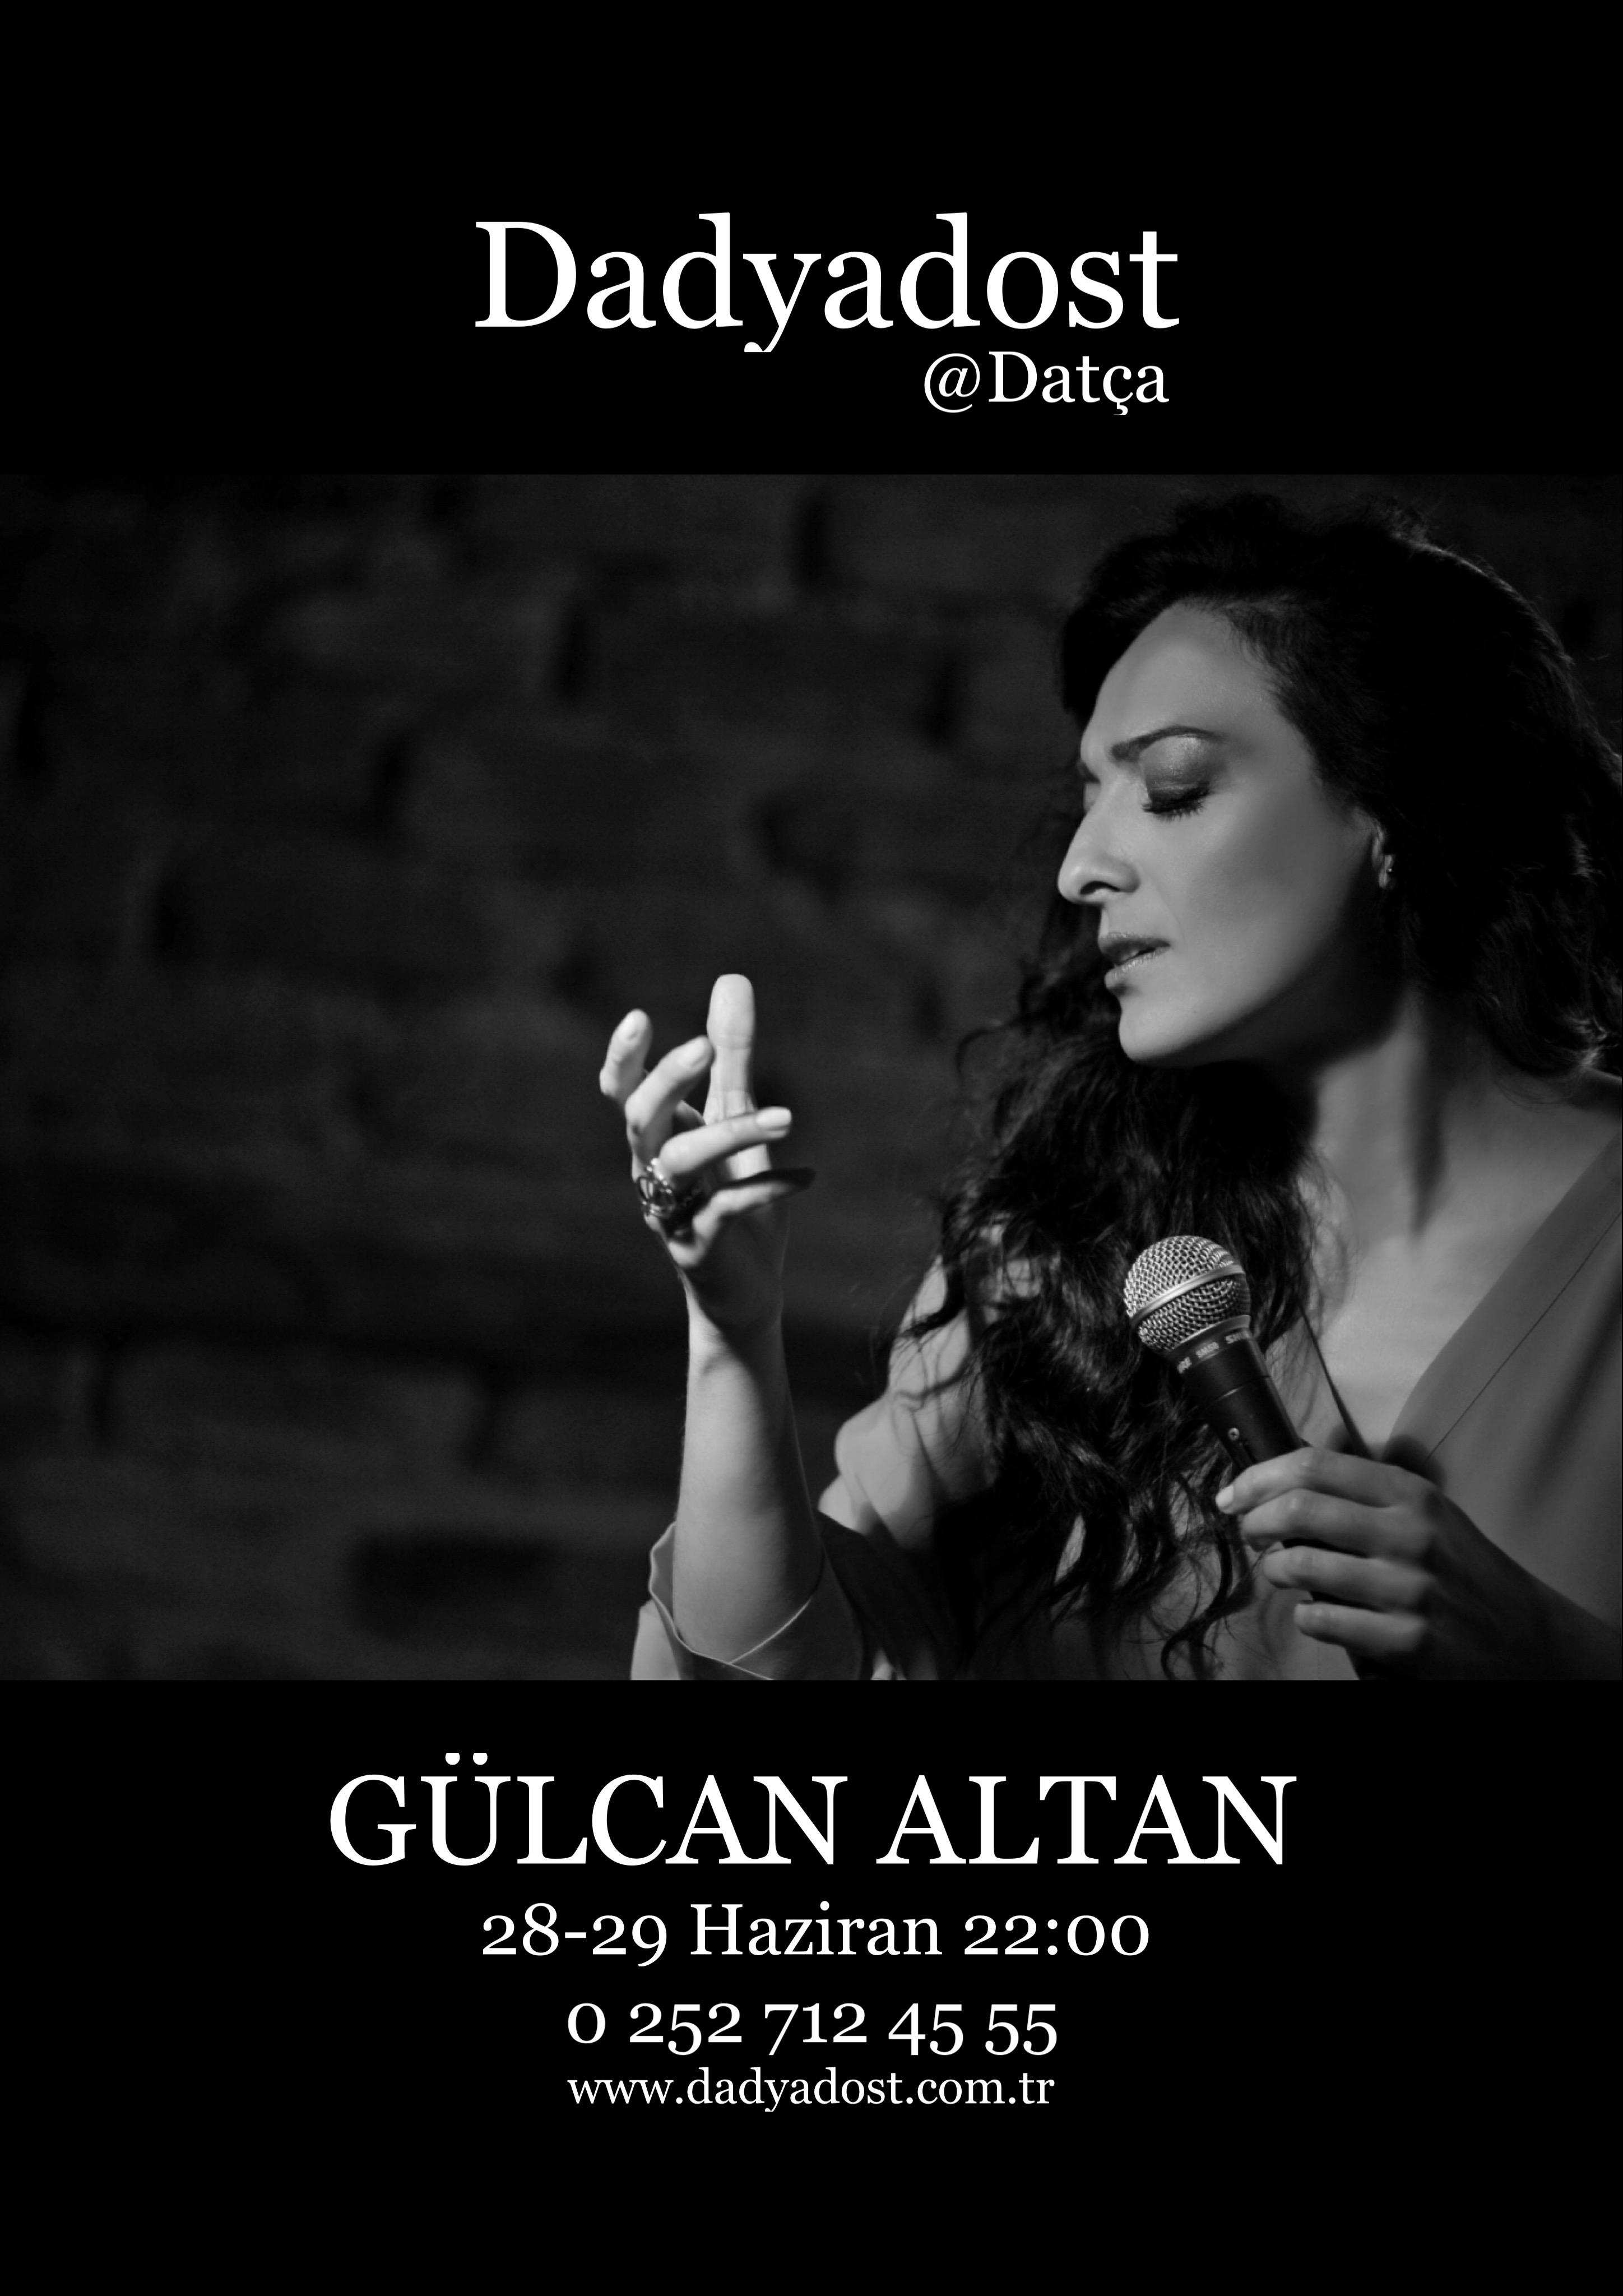 Gulcan_Altan_Dadyadost